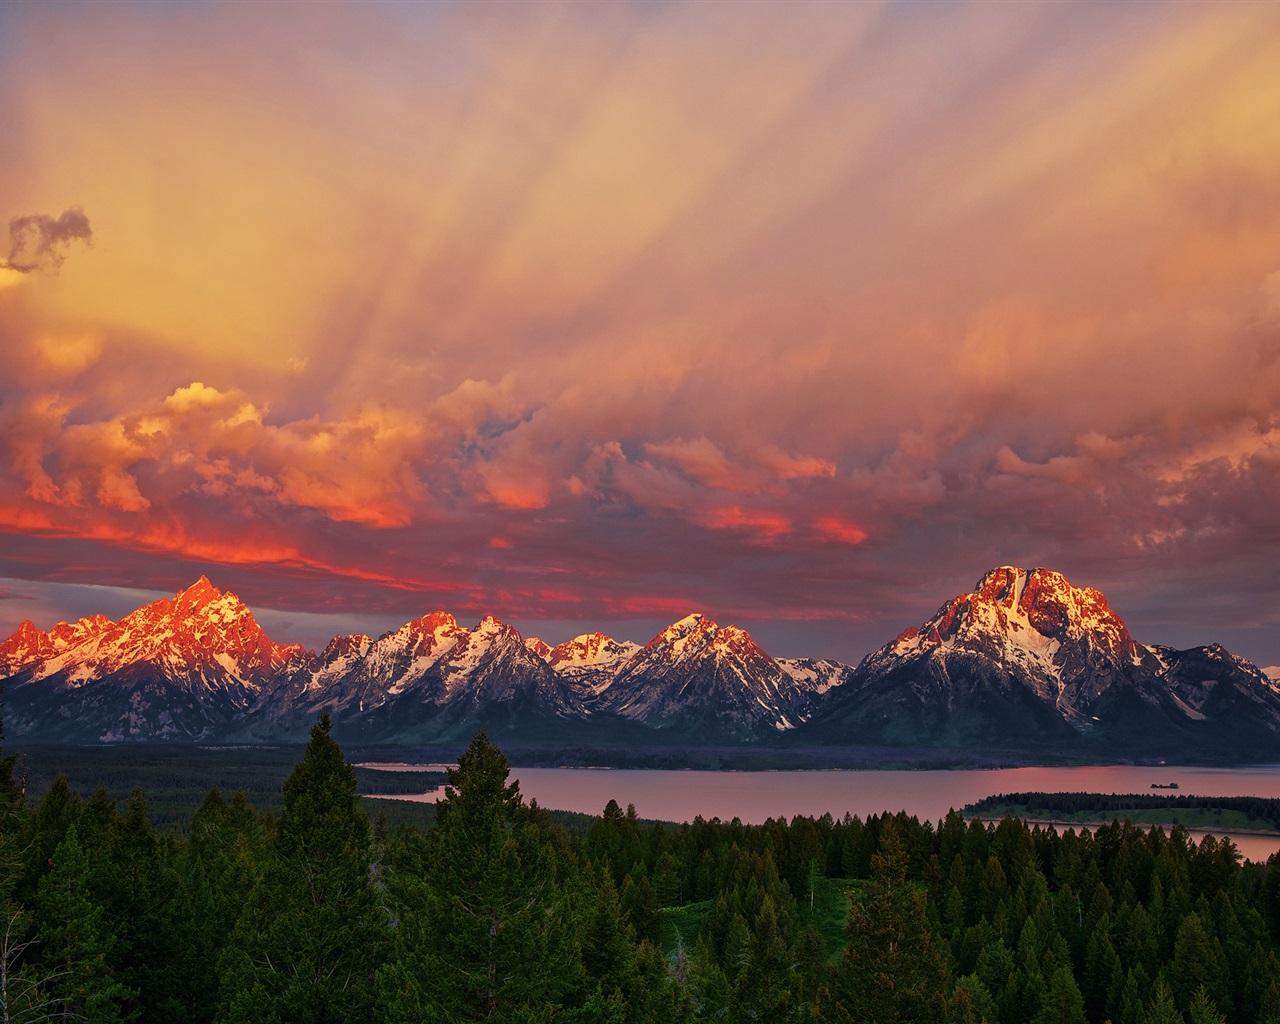 怀俄明州大提顿国家公园,日出,山,红色的天空,湖 壁纸 | 1280x1024 壁纸下载 | CN.Best ...